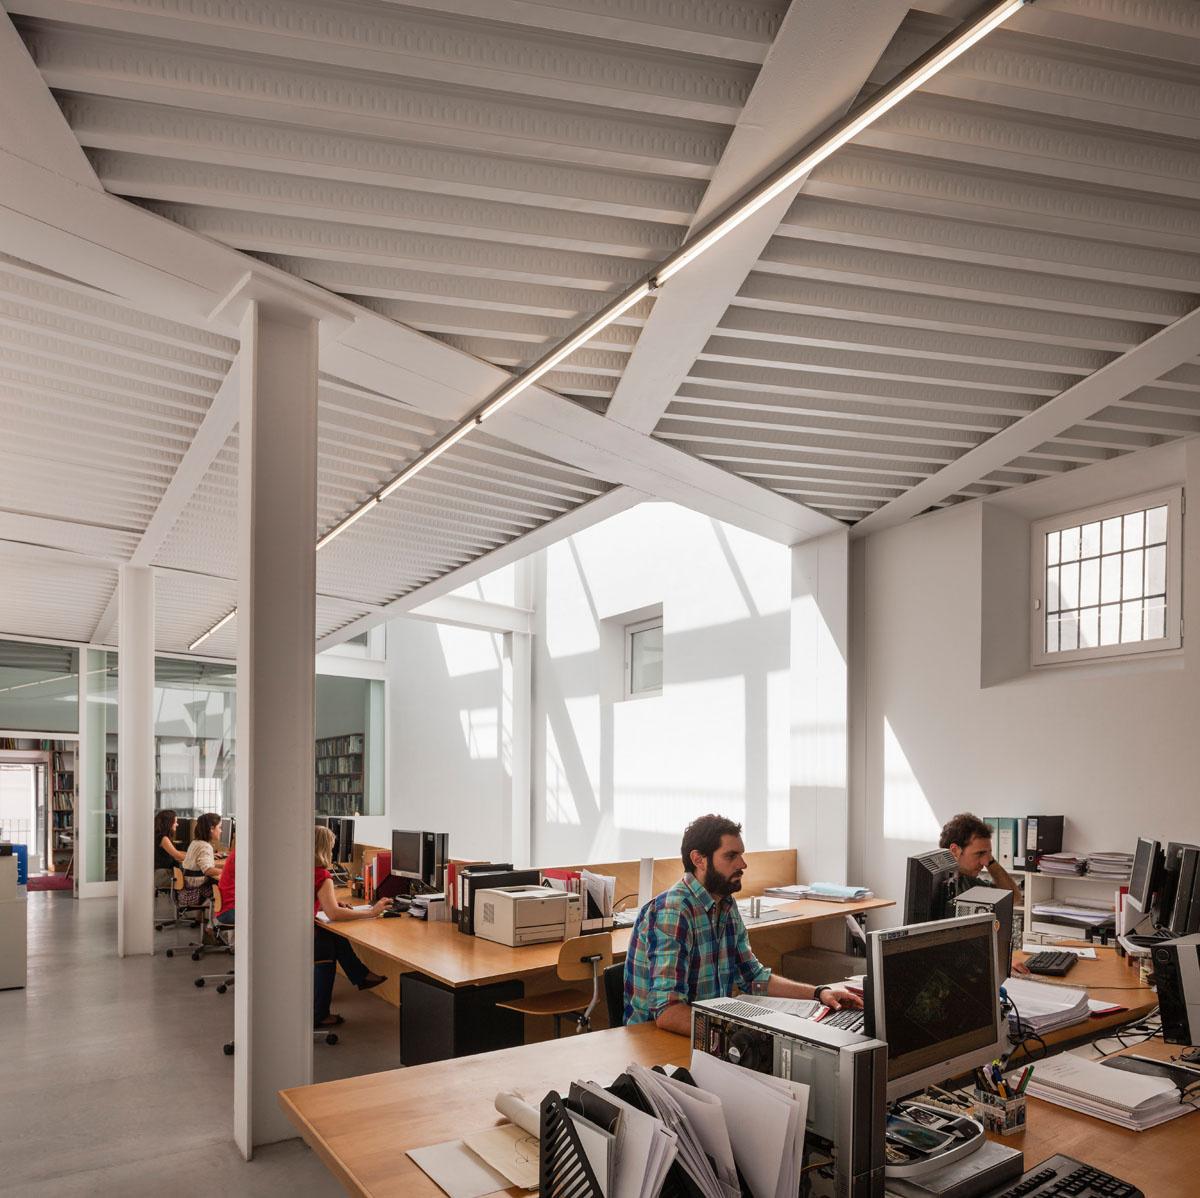 Estudio de arquitectura guillermo v zquez consuegra sevilla for Estudio de arquitectura